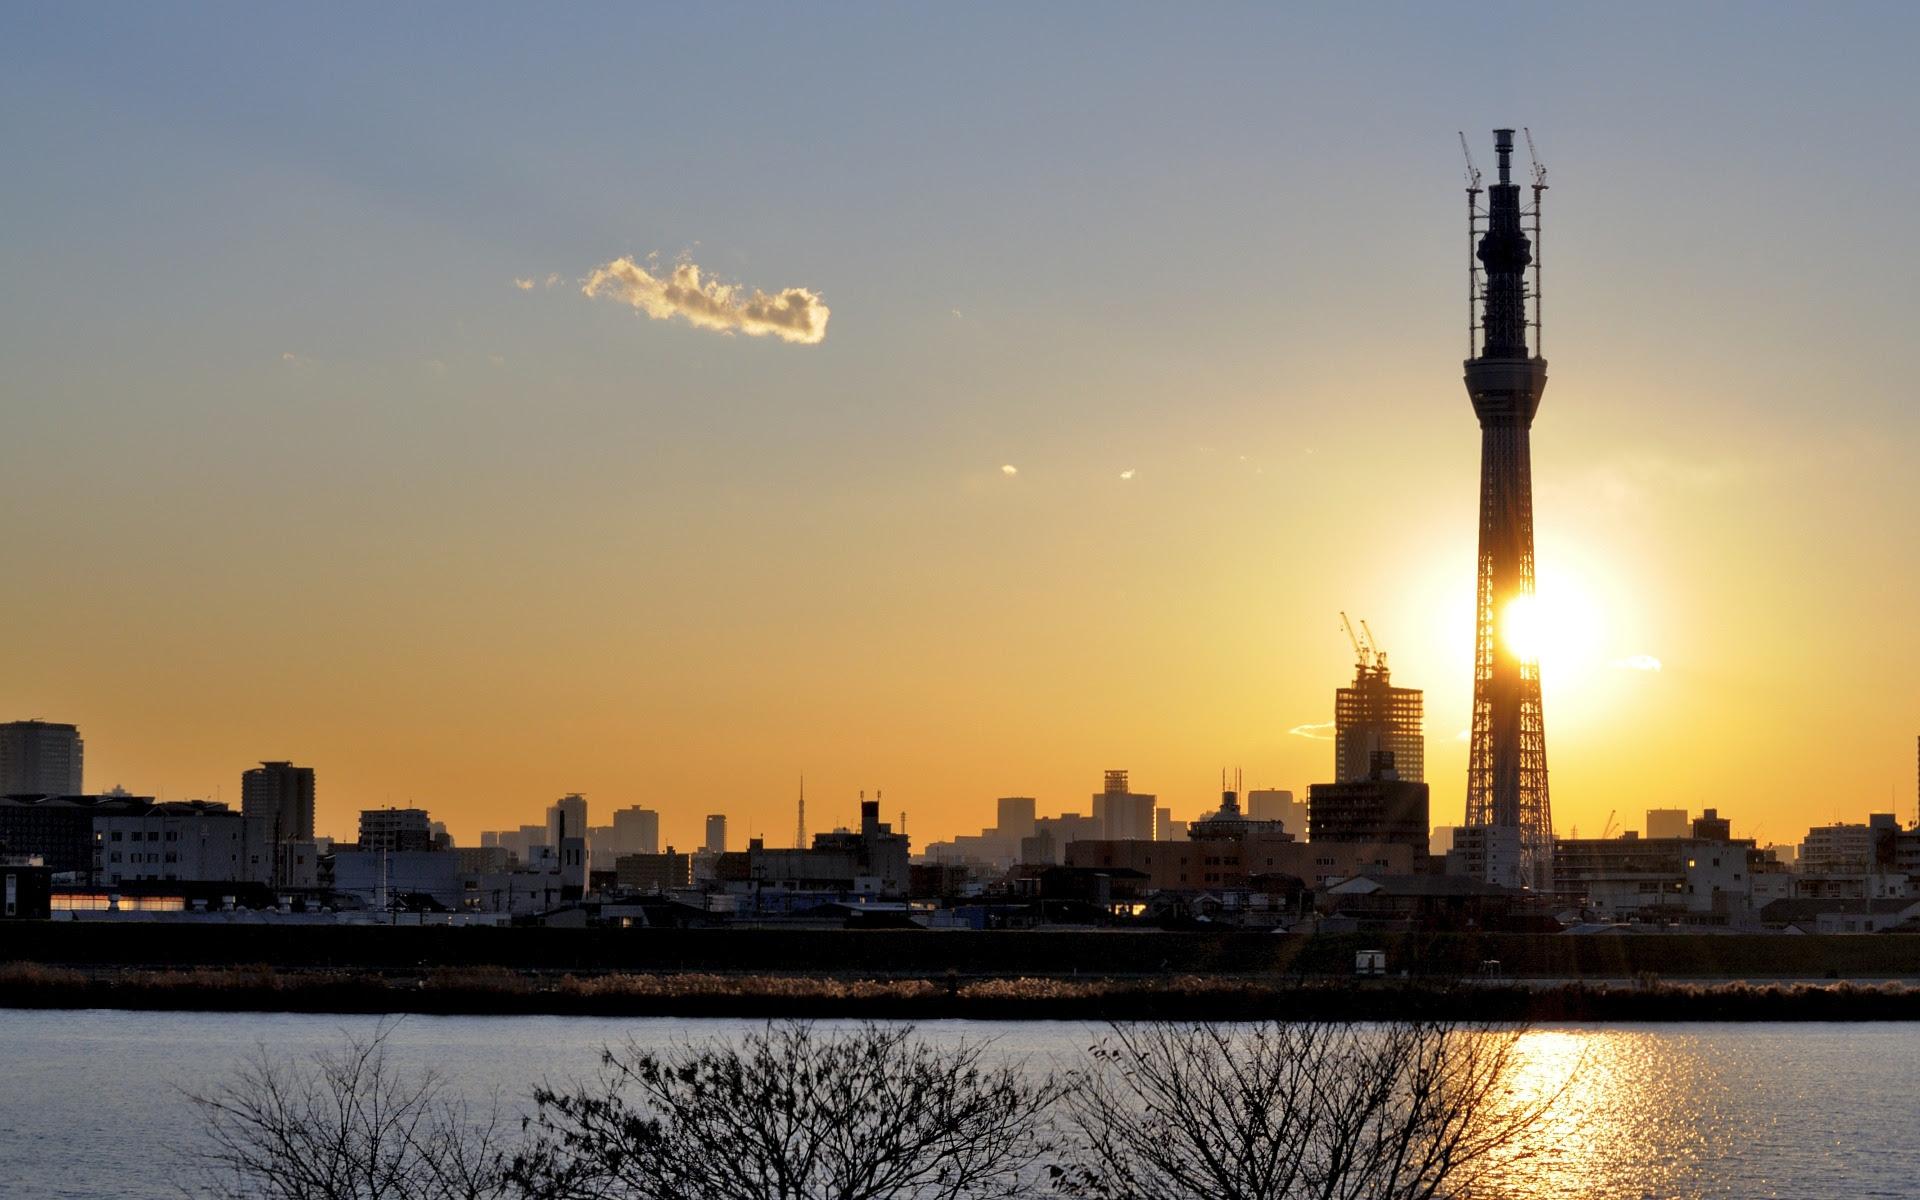 好き勝手に 壁紙 夕日と 東京スカイツリー 1920x1200 日本の東京